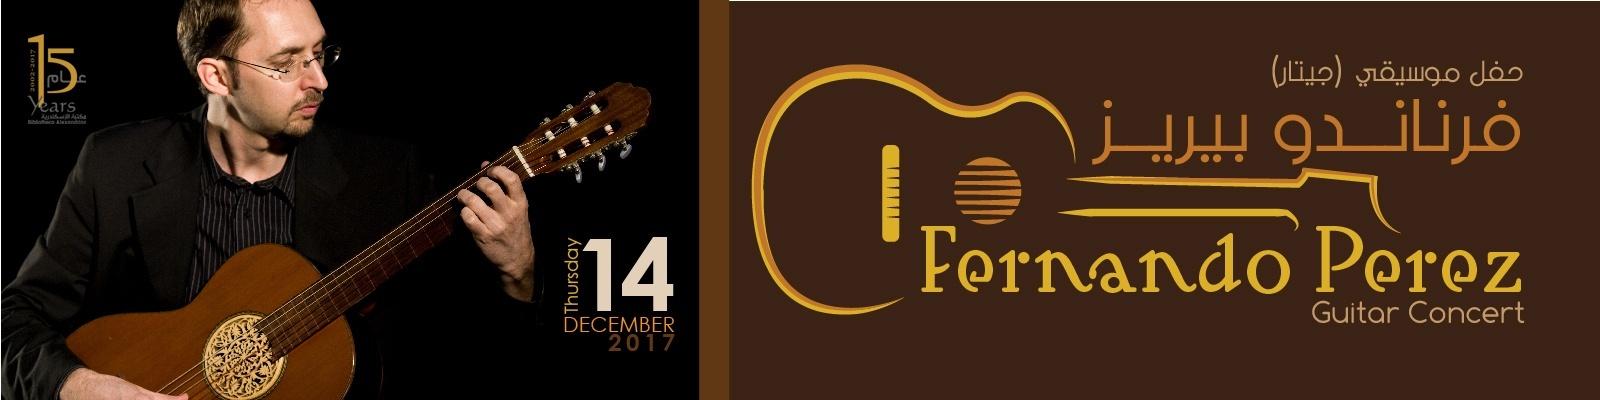 Concert de guitare : Fernando Perez